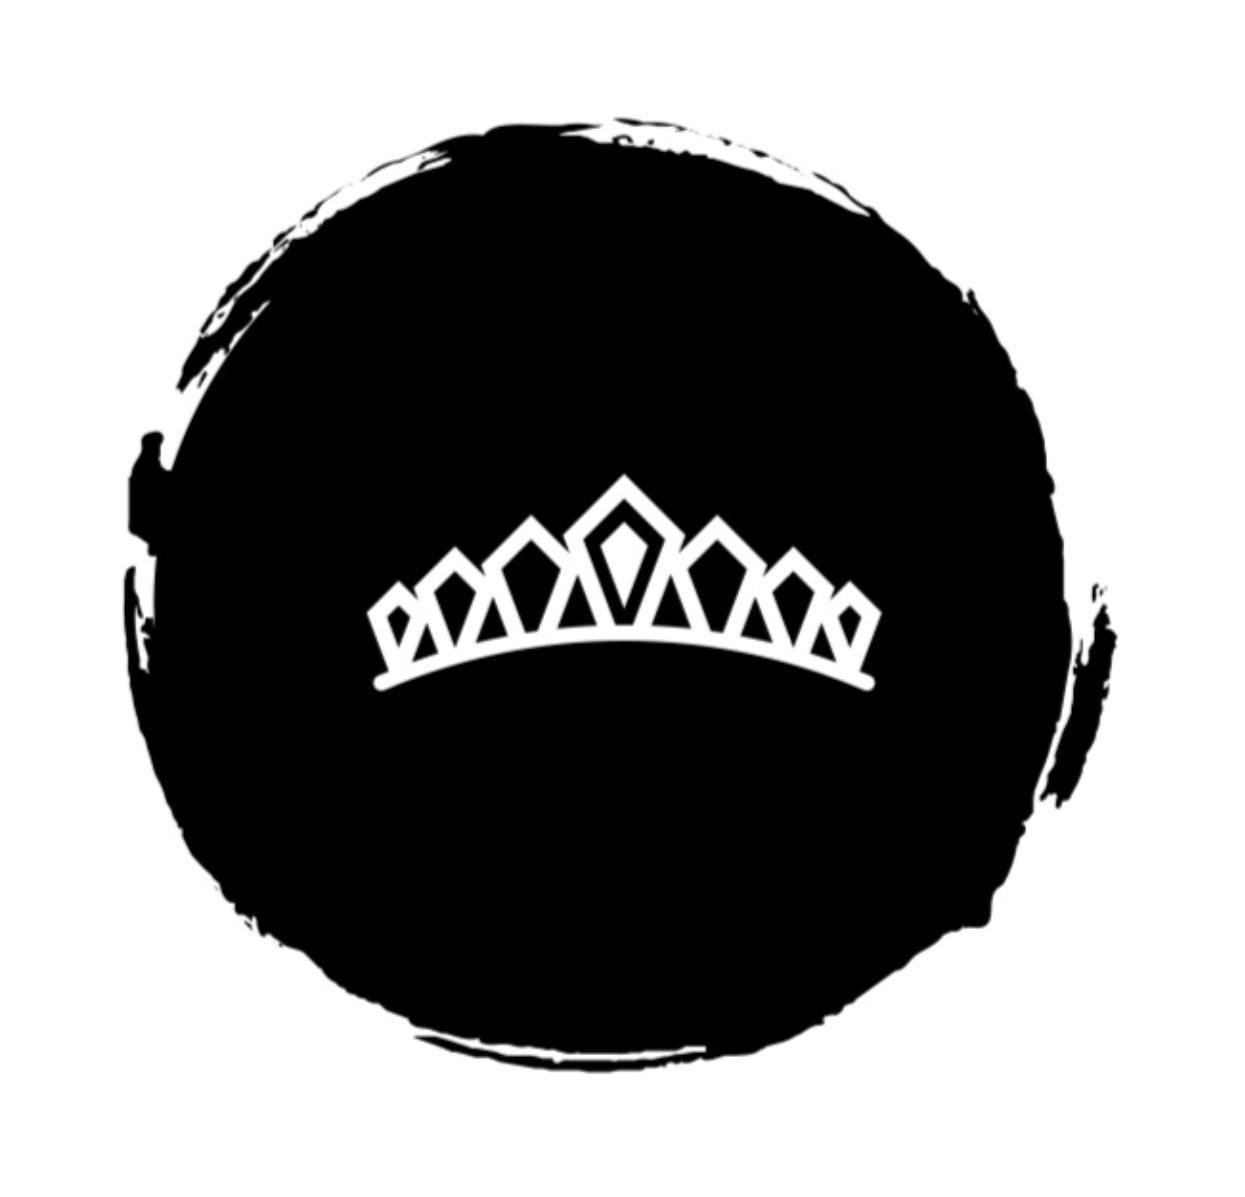 Queen_serenity_